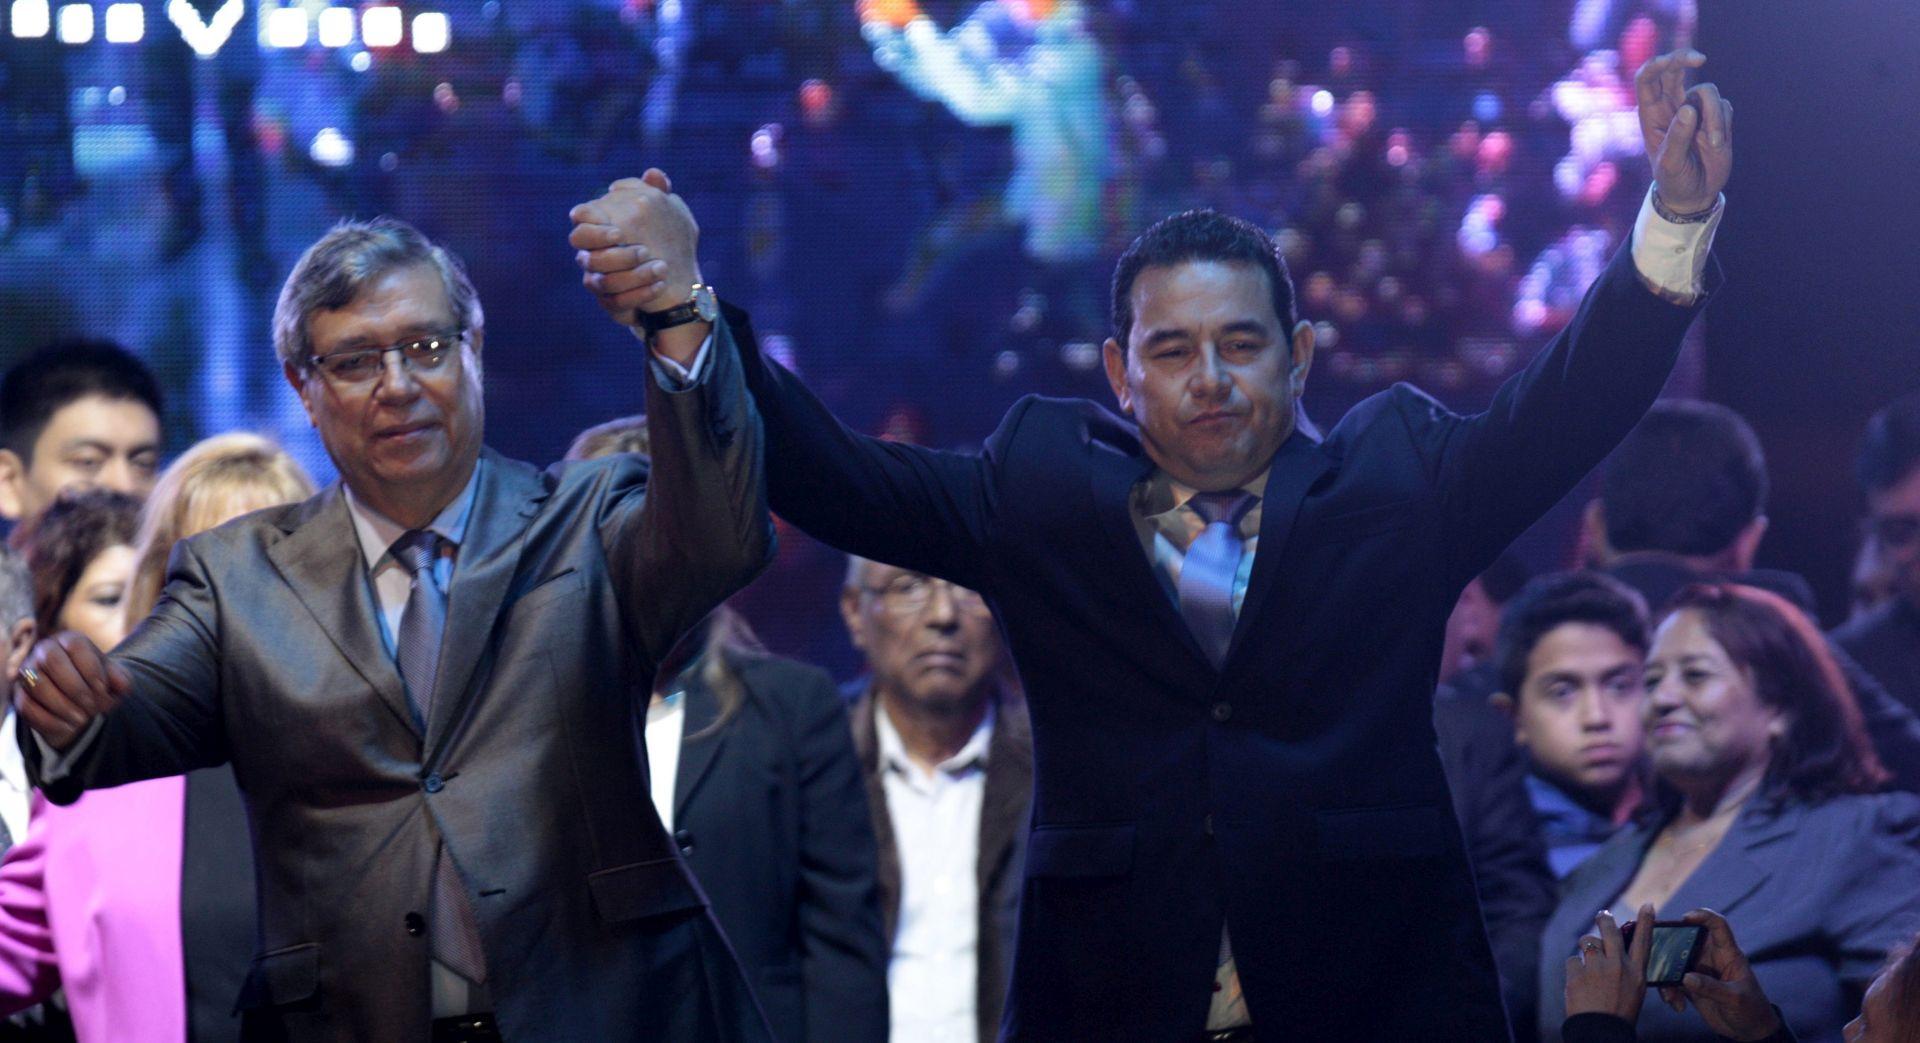 GVATEMALA Novi predsjednik je bivši komičar bez ikakvog političkog iskustva